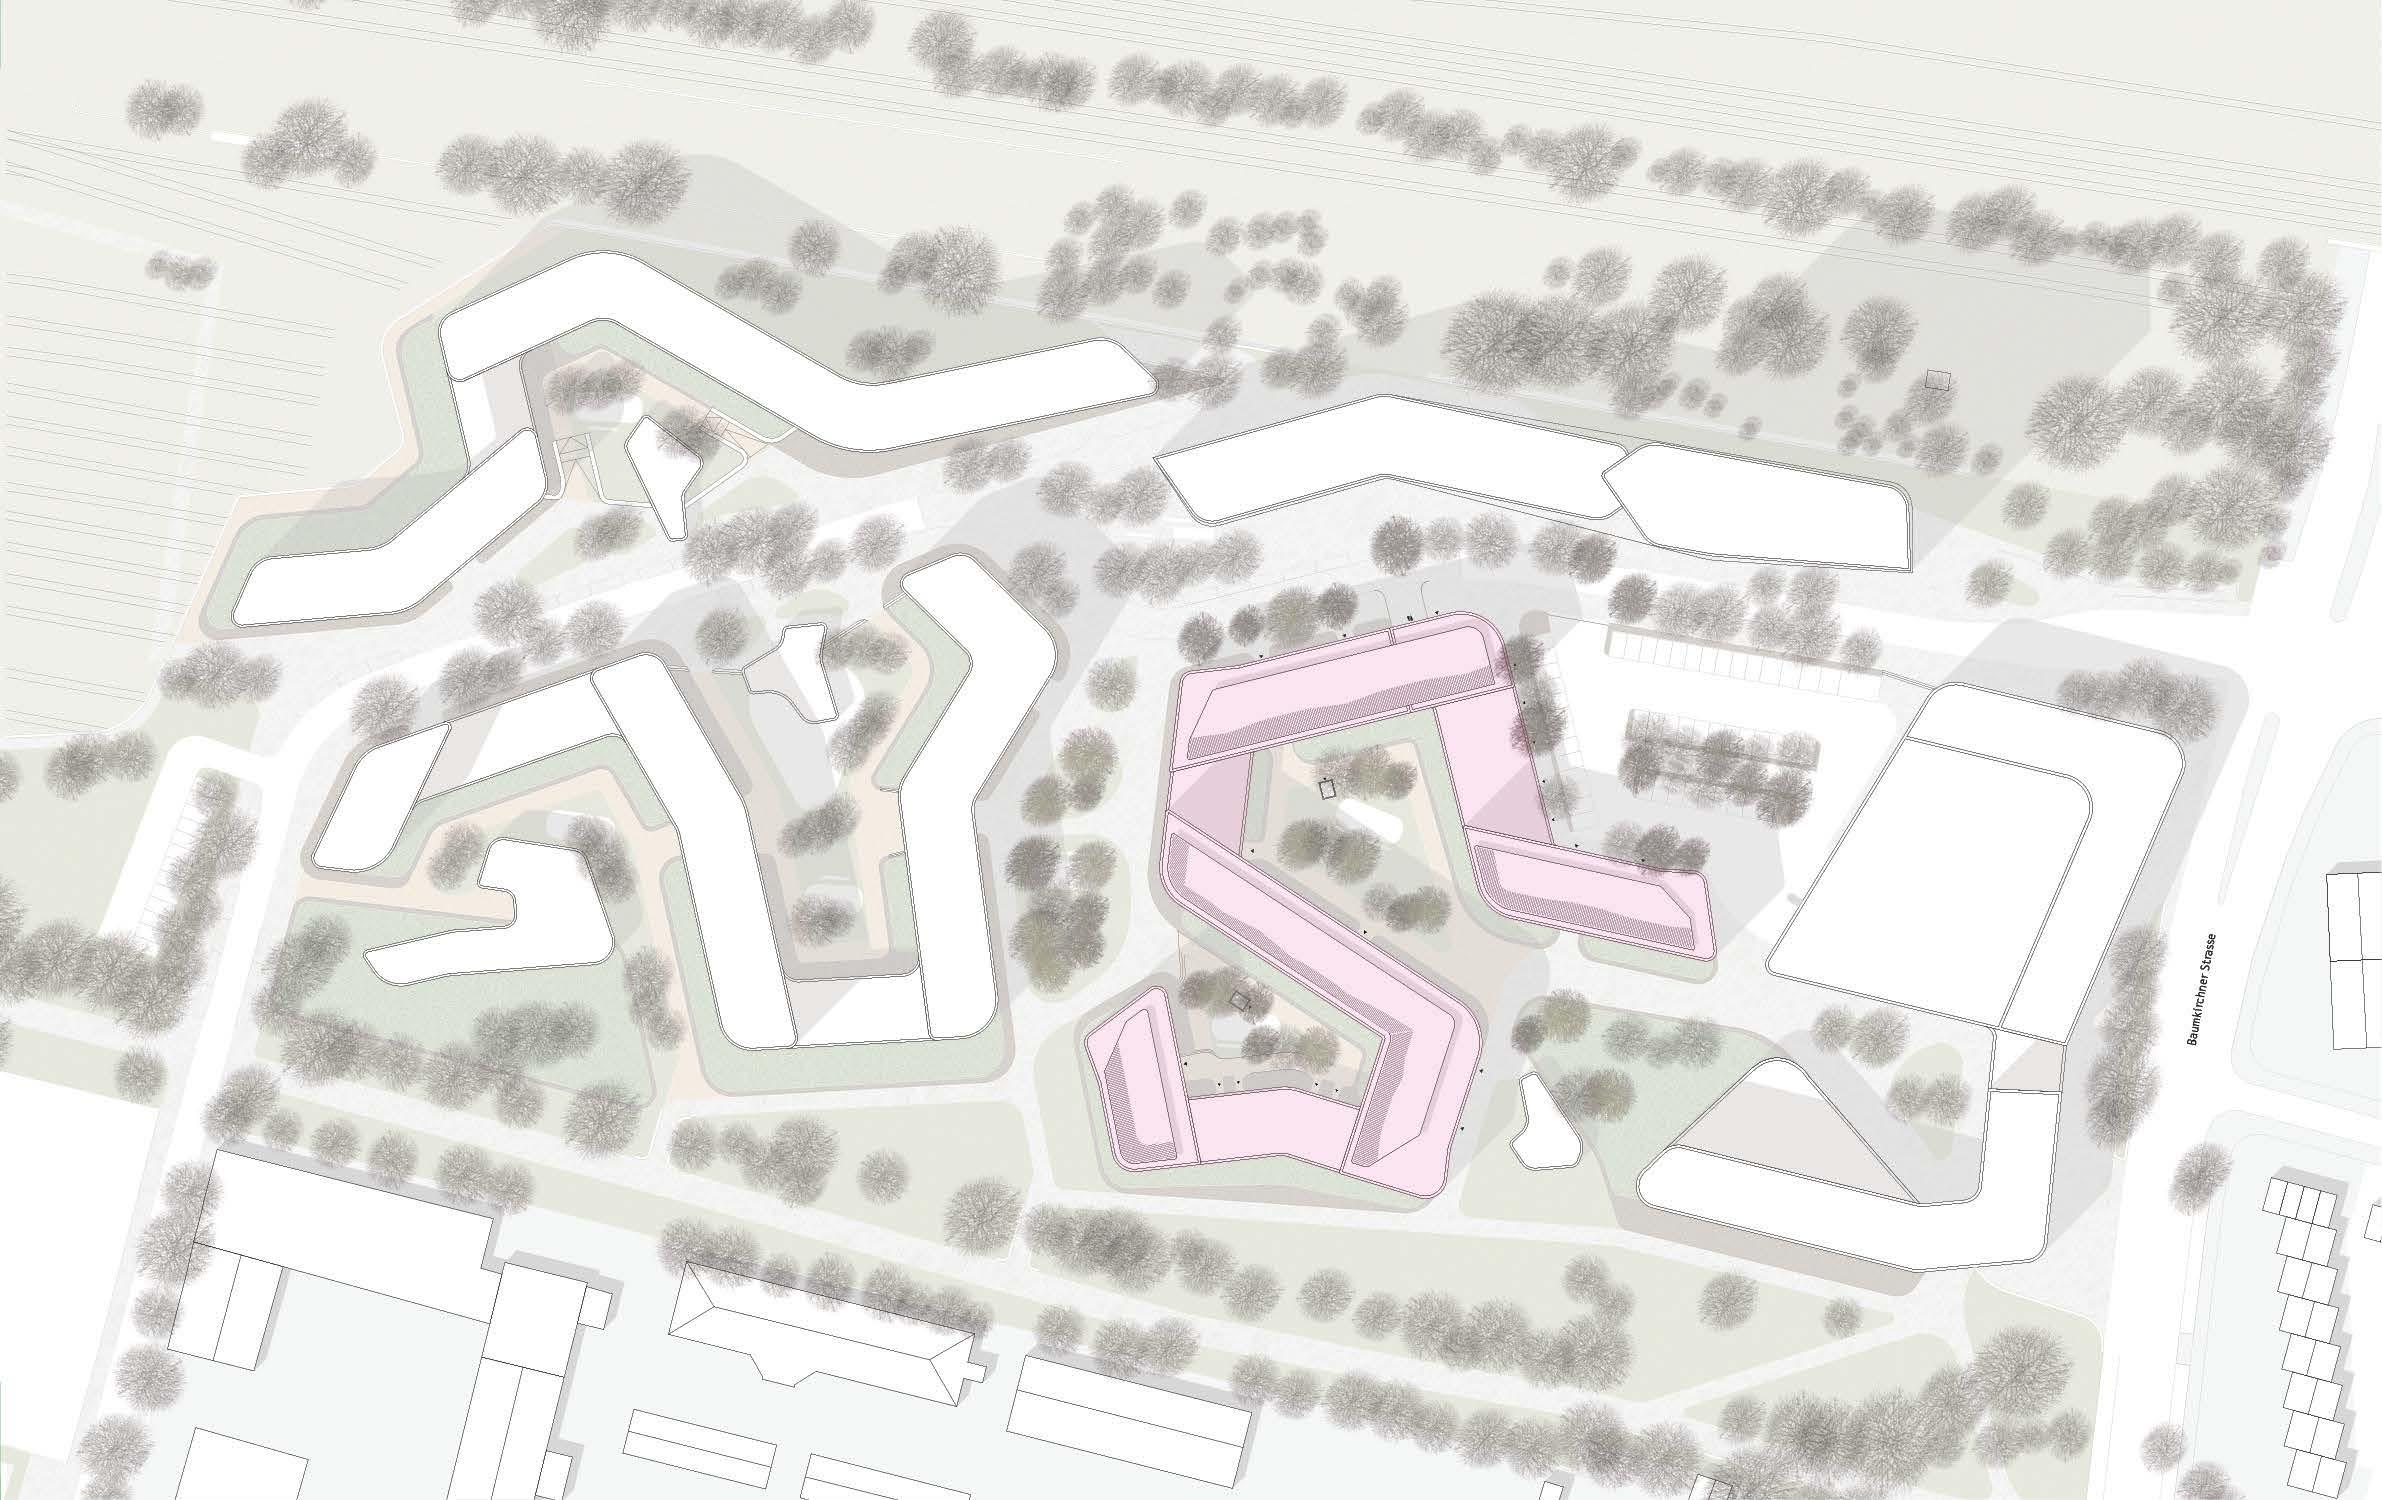 Baumkirchen Wohnungsbau Wettbewerb Meili Peter München dreisterneplus